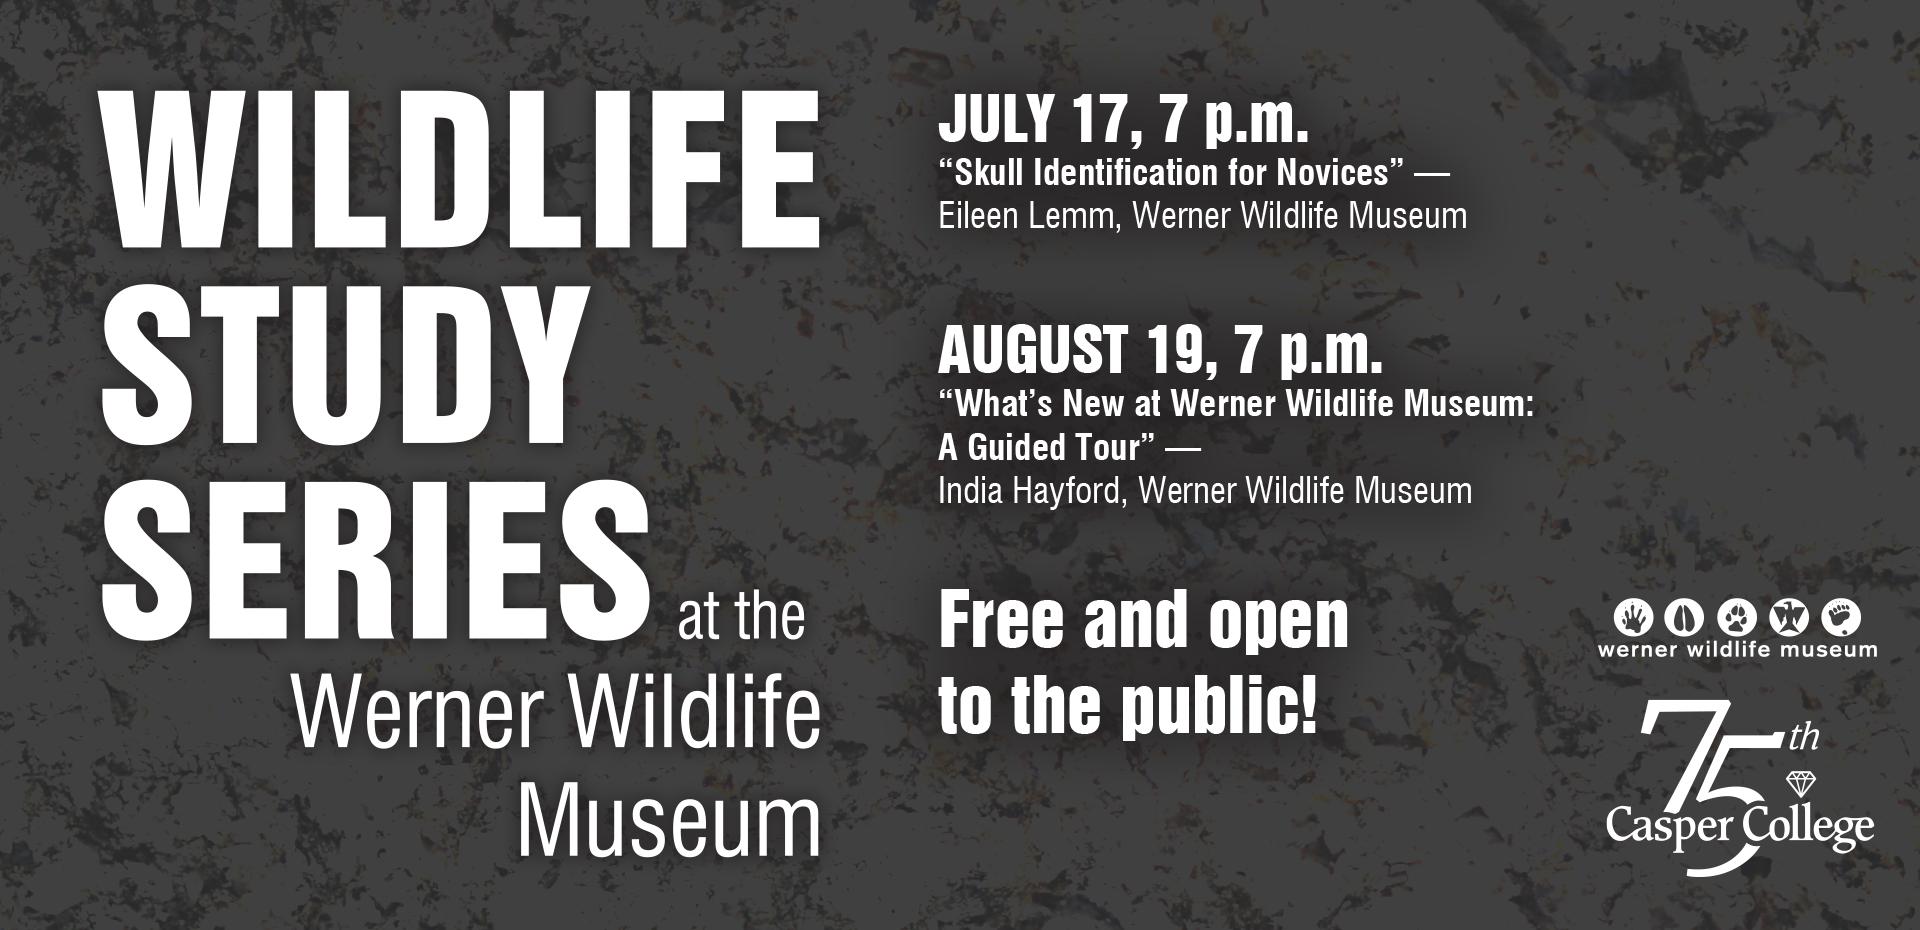 Werner Wildlife Study Series flyer